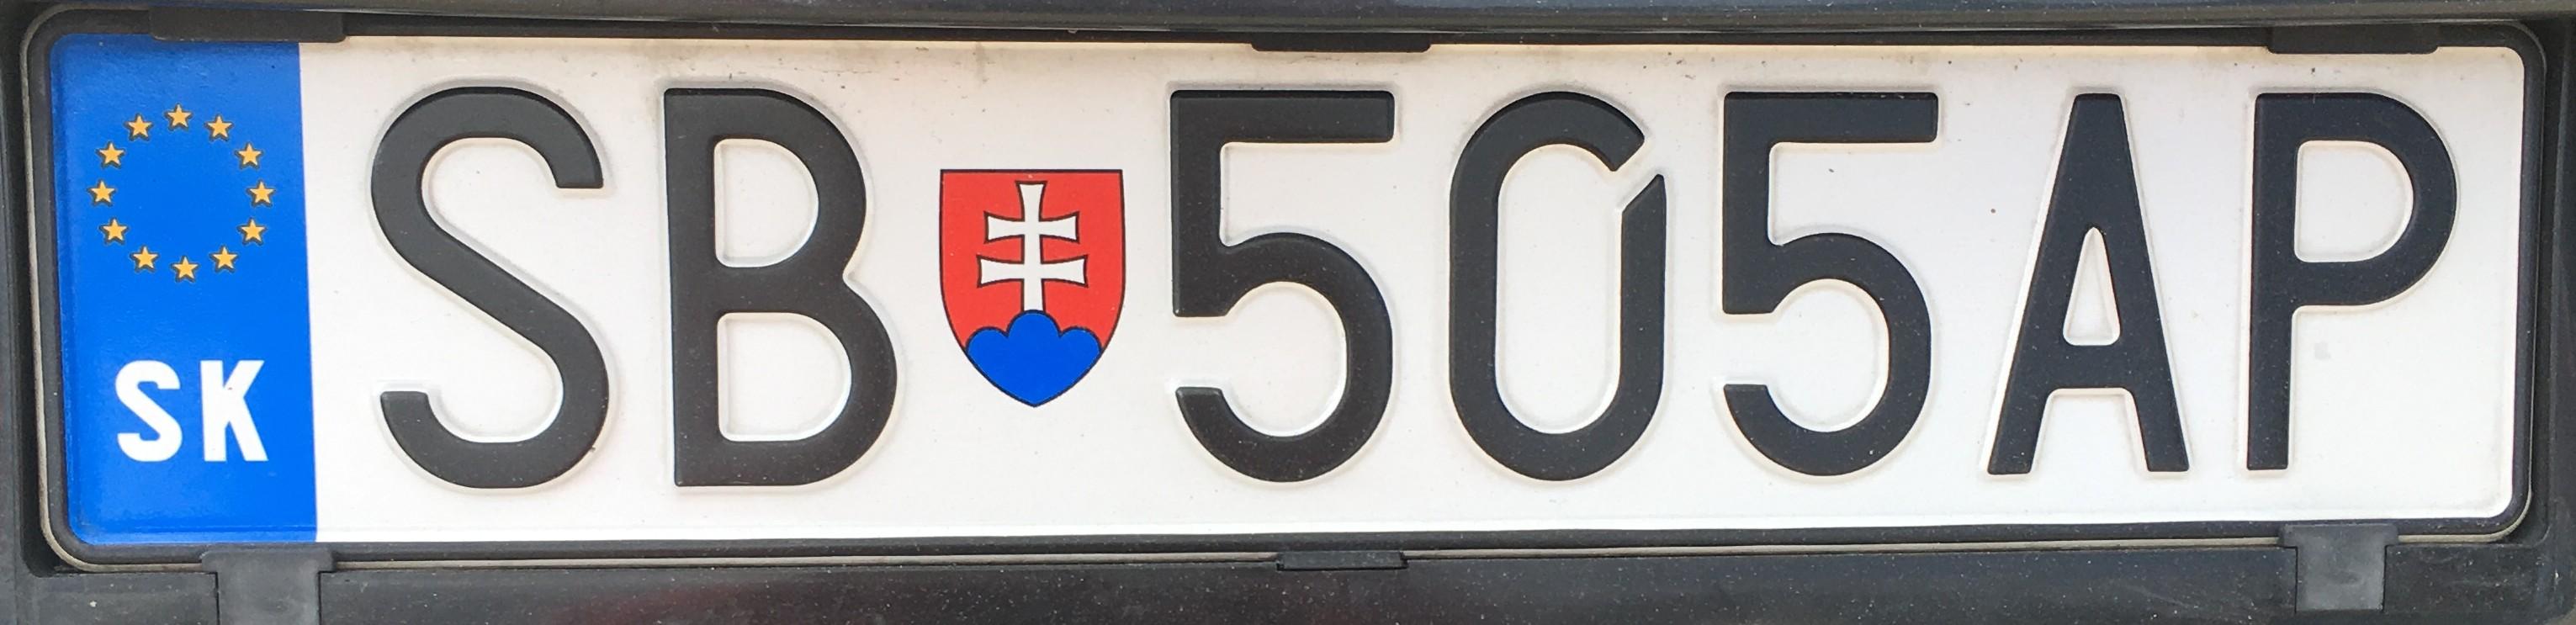 Registrační značka: SB - Sabinov, foto: vlastní